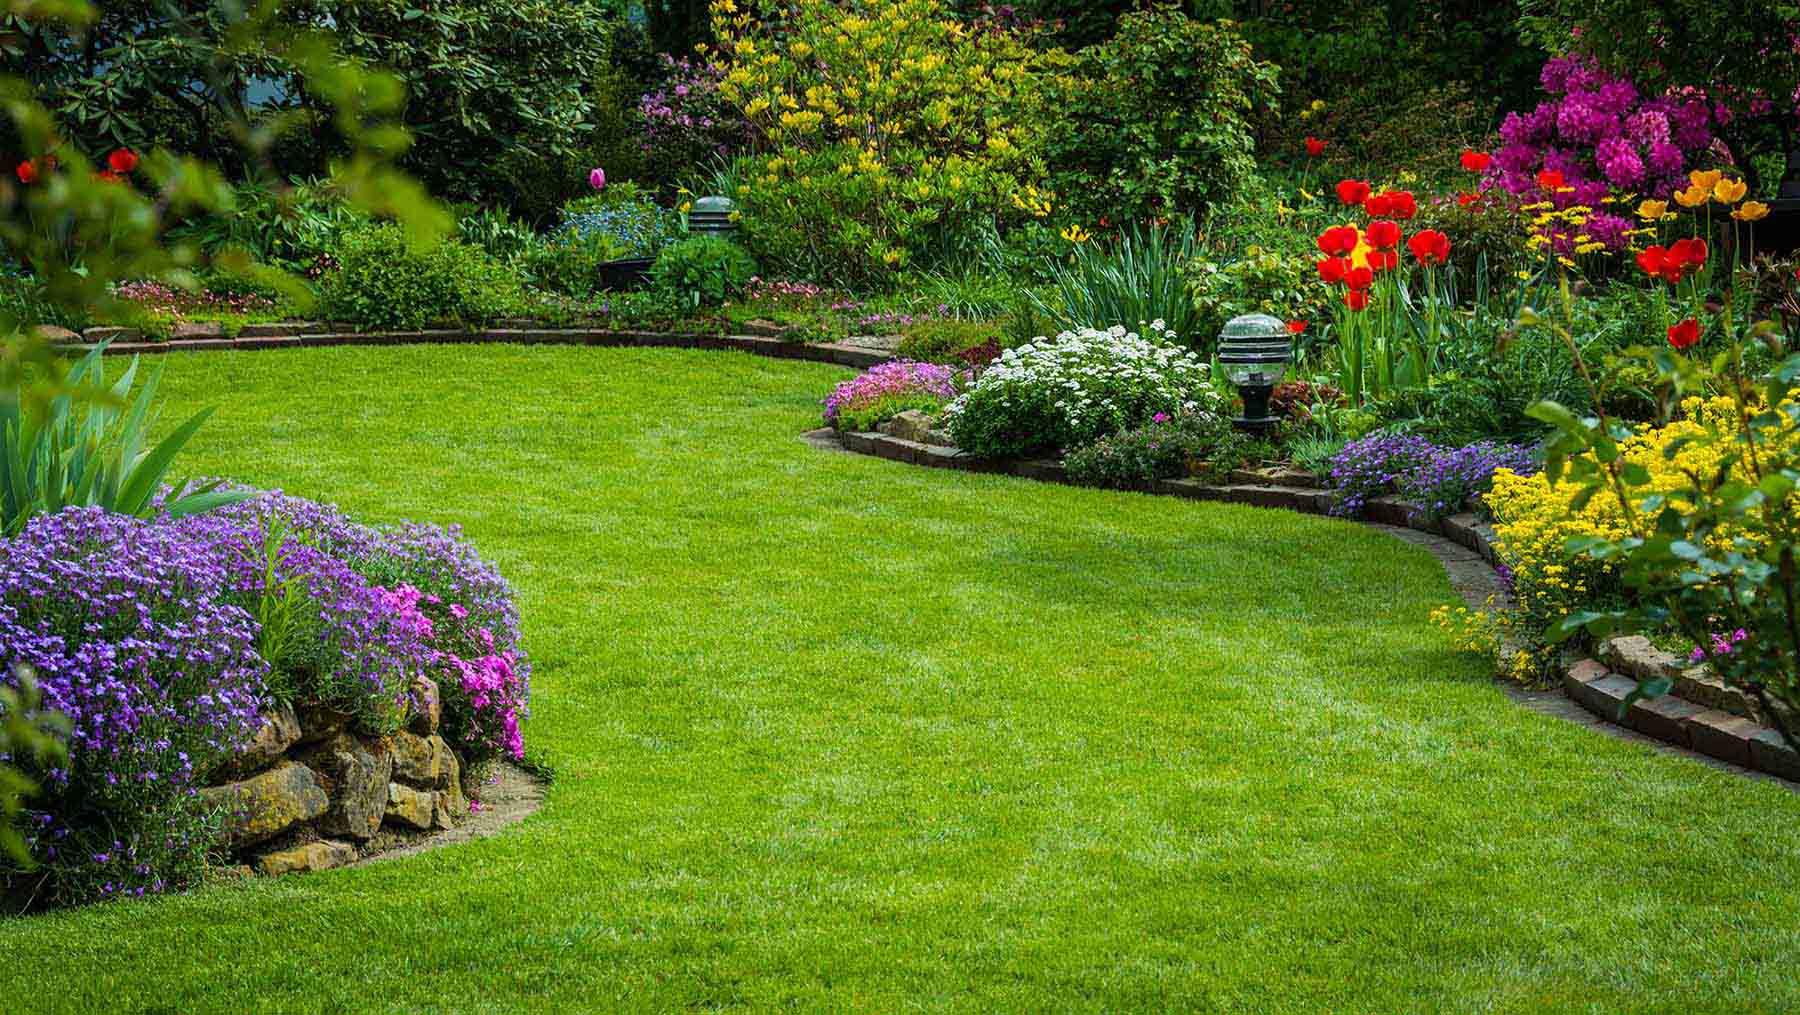 Prix Moyen Au M2 Pour La Création D'une Pelouse De Gazon Par ... intérieur Refaire Son Jardin Paysagiste